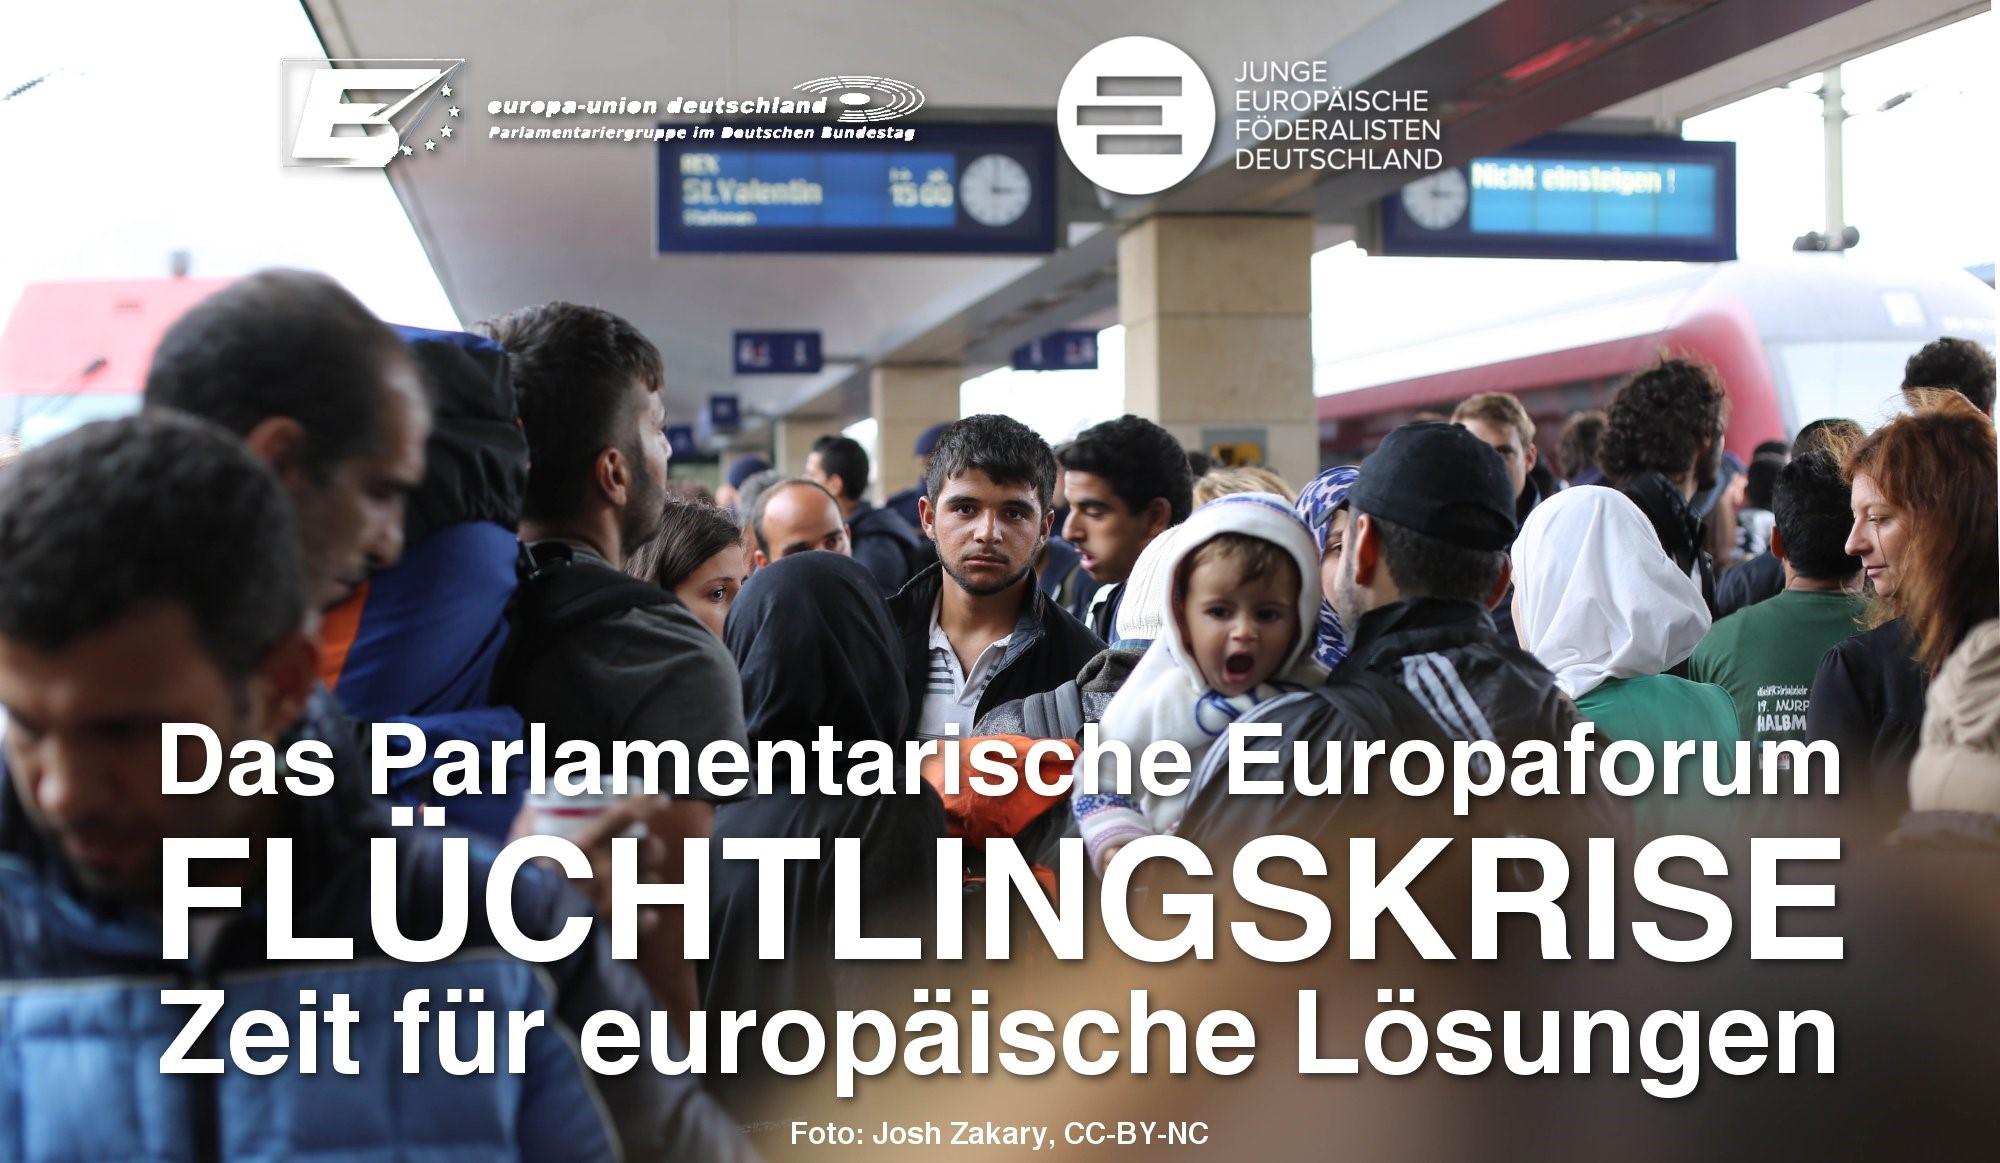 """Parlamentarisches Europaforum """"Flüchtlingskrise – Zeit für europäische Lösungen"""" am 16. März"""